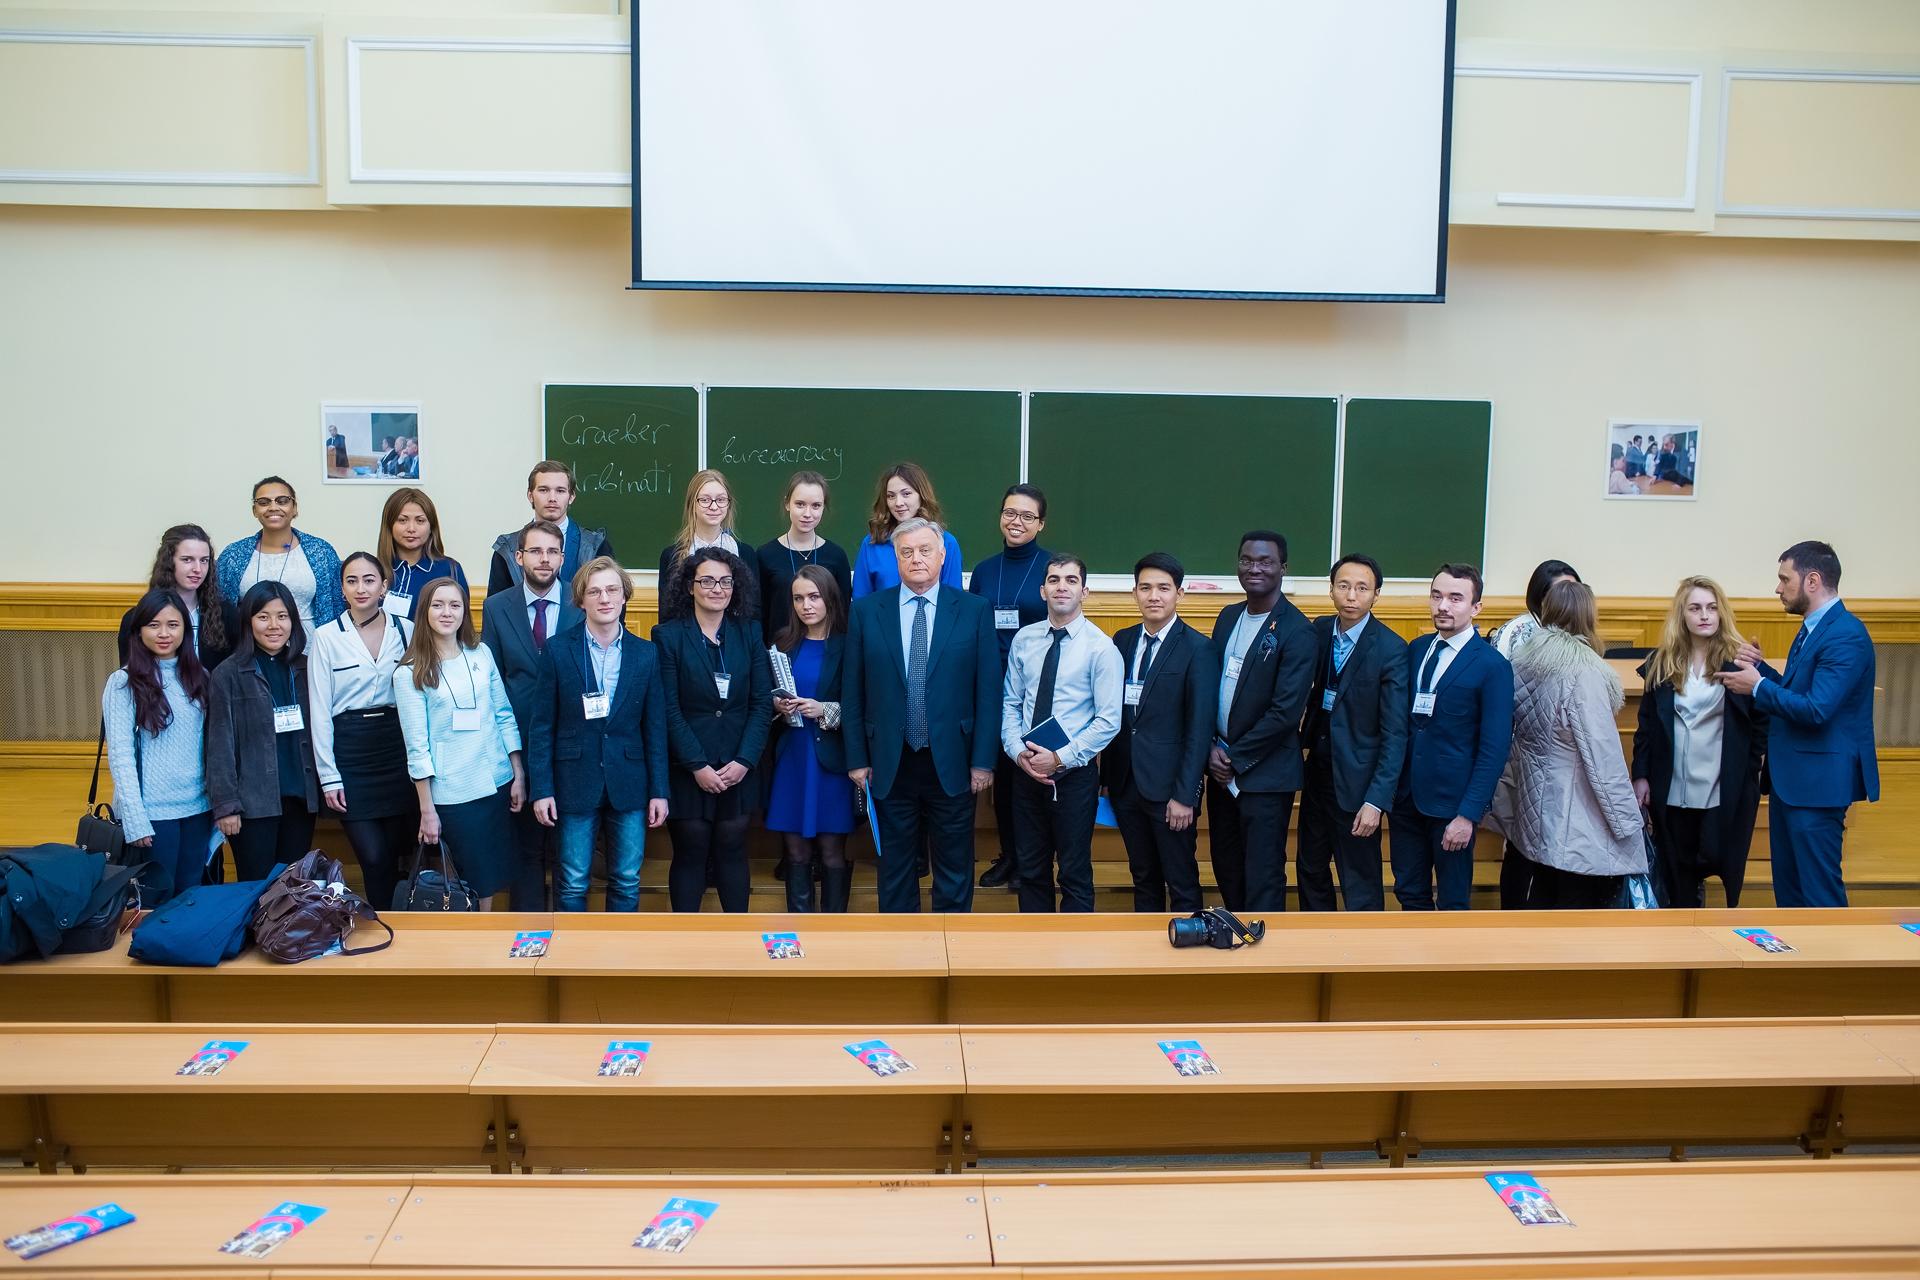 24 апреля в МГУ состоялась церемония открытия Международной весенней школы по политологии PolitIQ